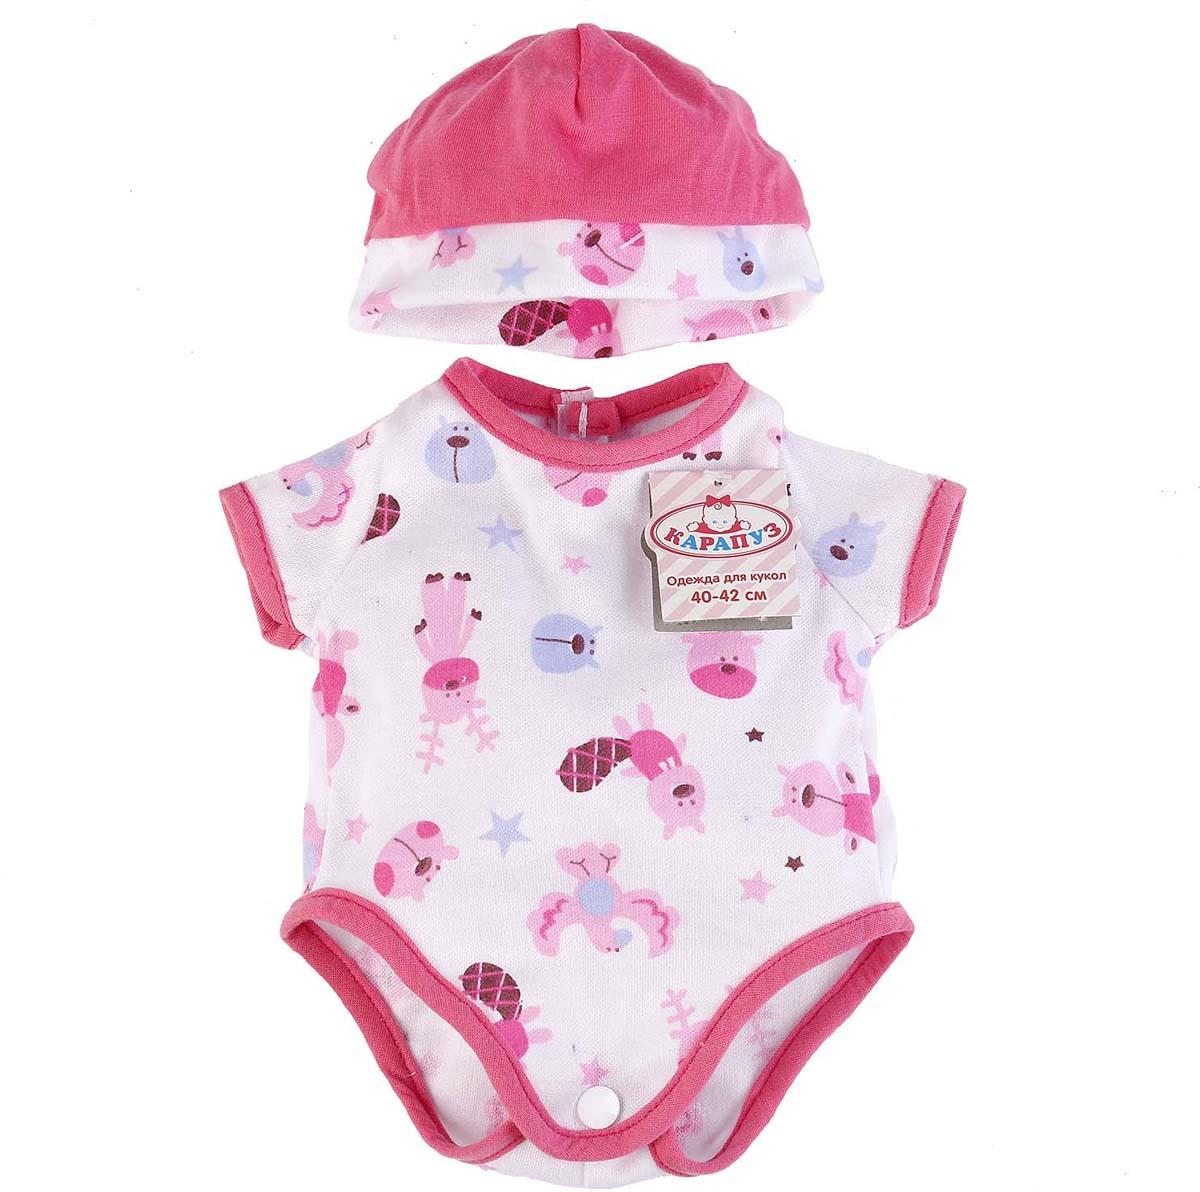 Карапуз Комплект одежды для кукол Боди с шапочкой цвет розовый белый куклы и одежда для кукол весна озвученная кукла саша 1 42 см